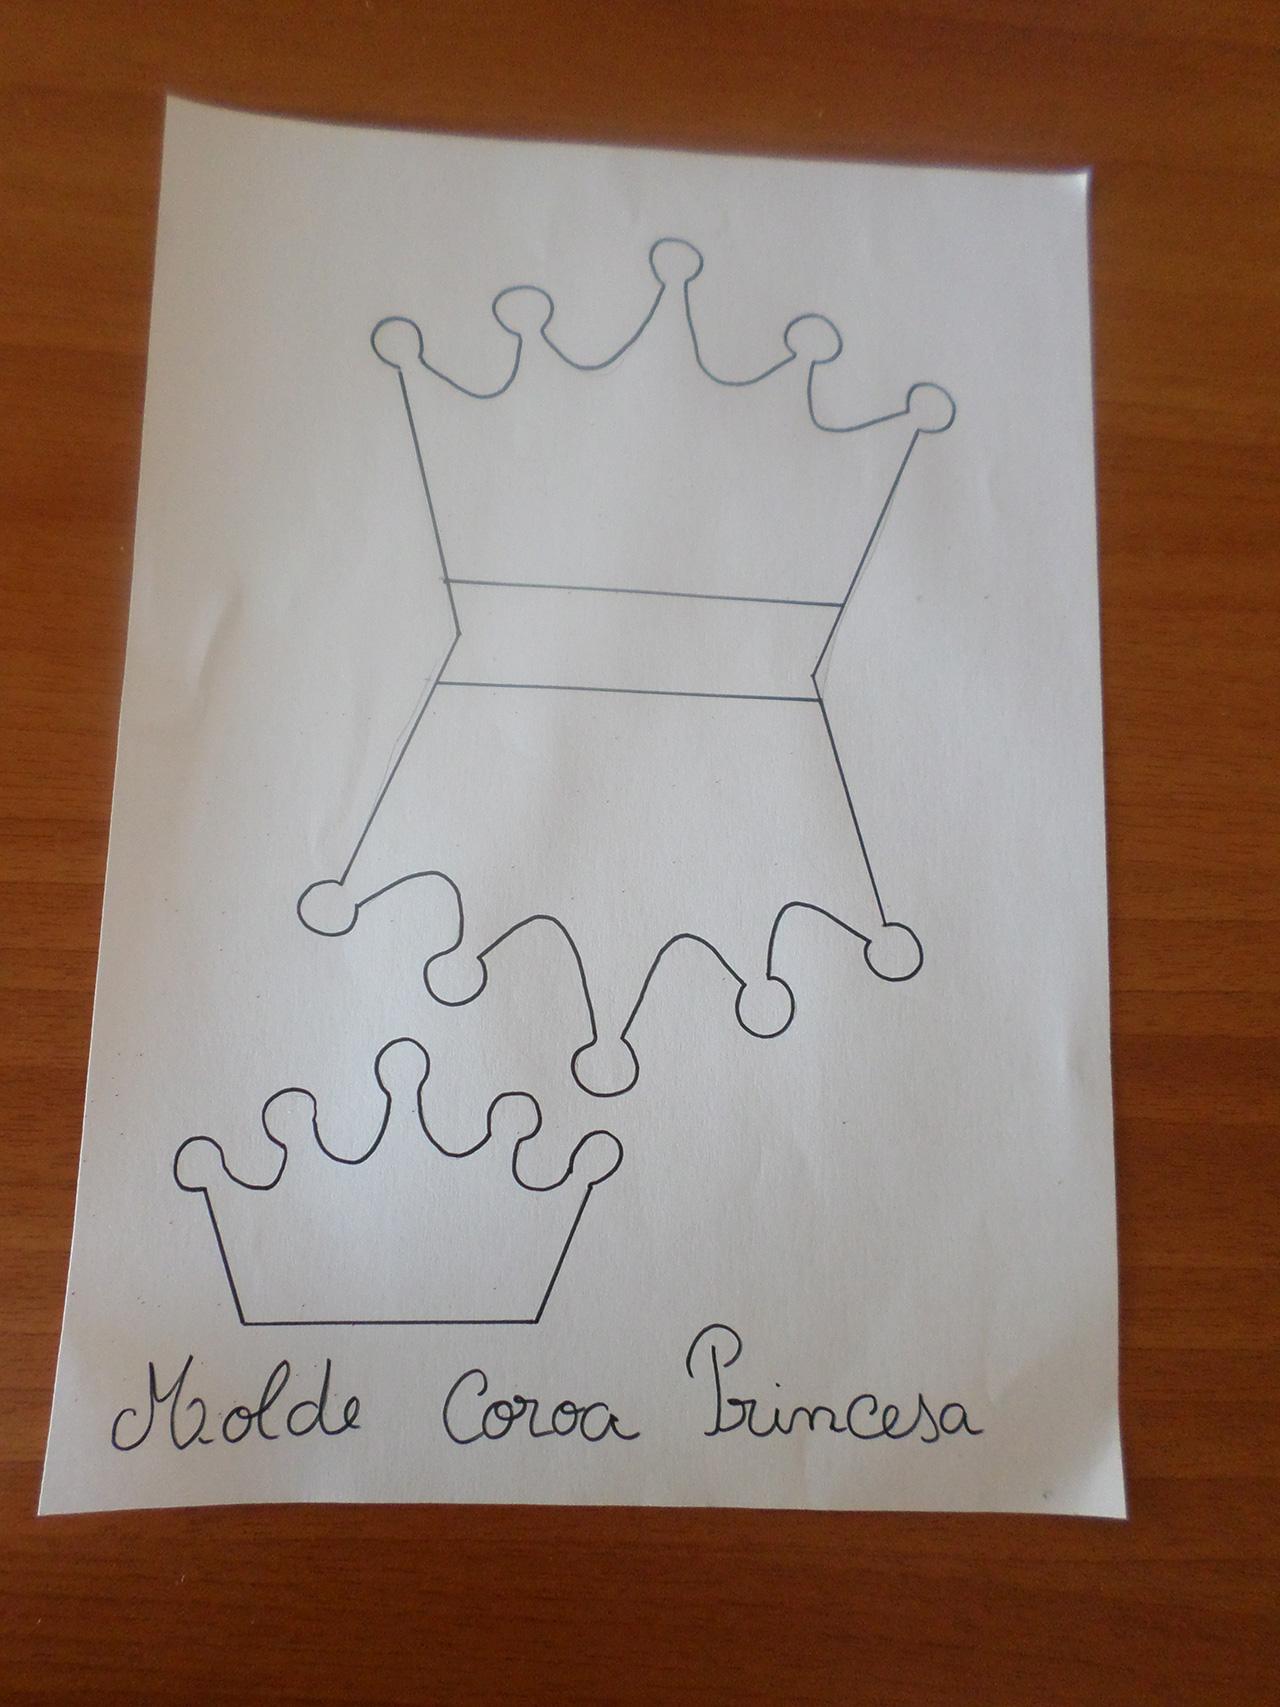 molde-coroa-princesa